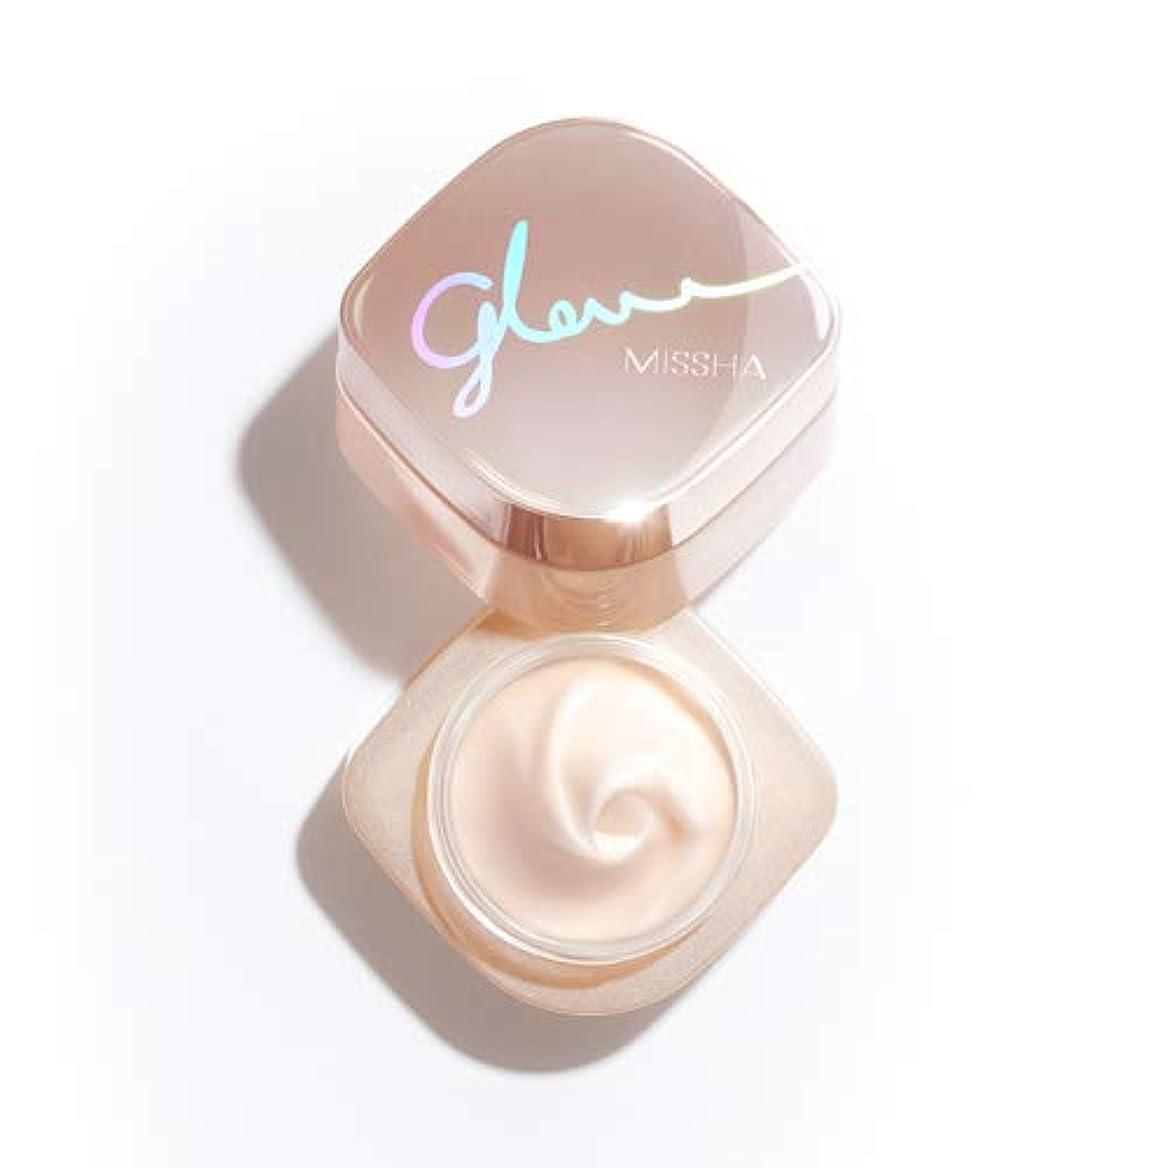 フルーツ物足りない有彩色のミシャ グロースキンバーム/MISSHA Glow Skin Balm 50ml [並行輸入品]